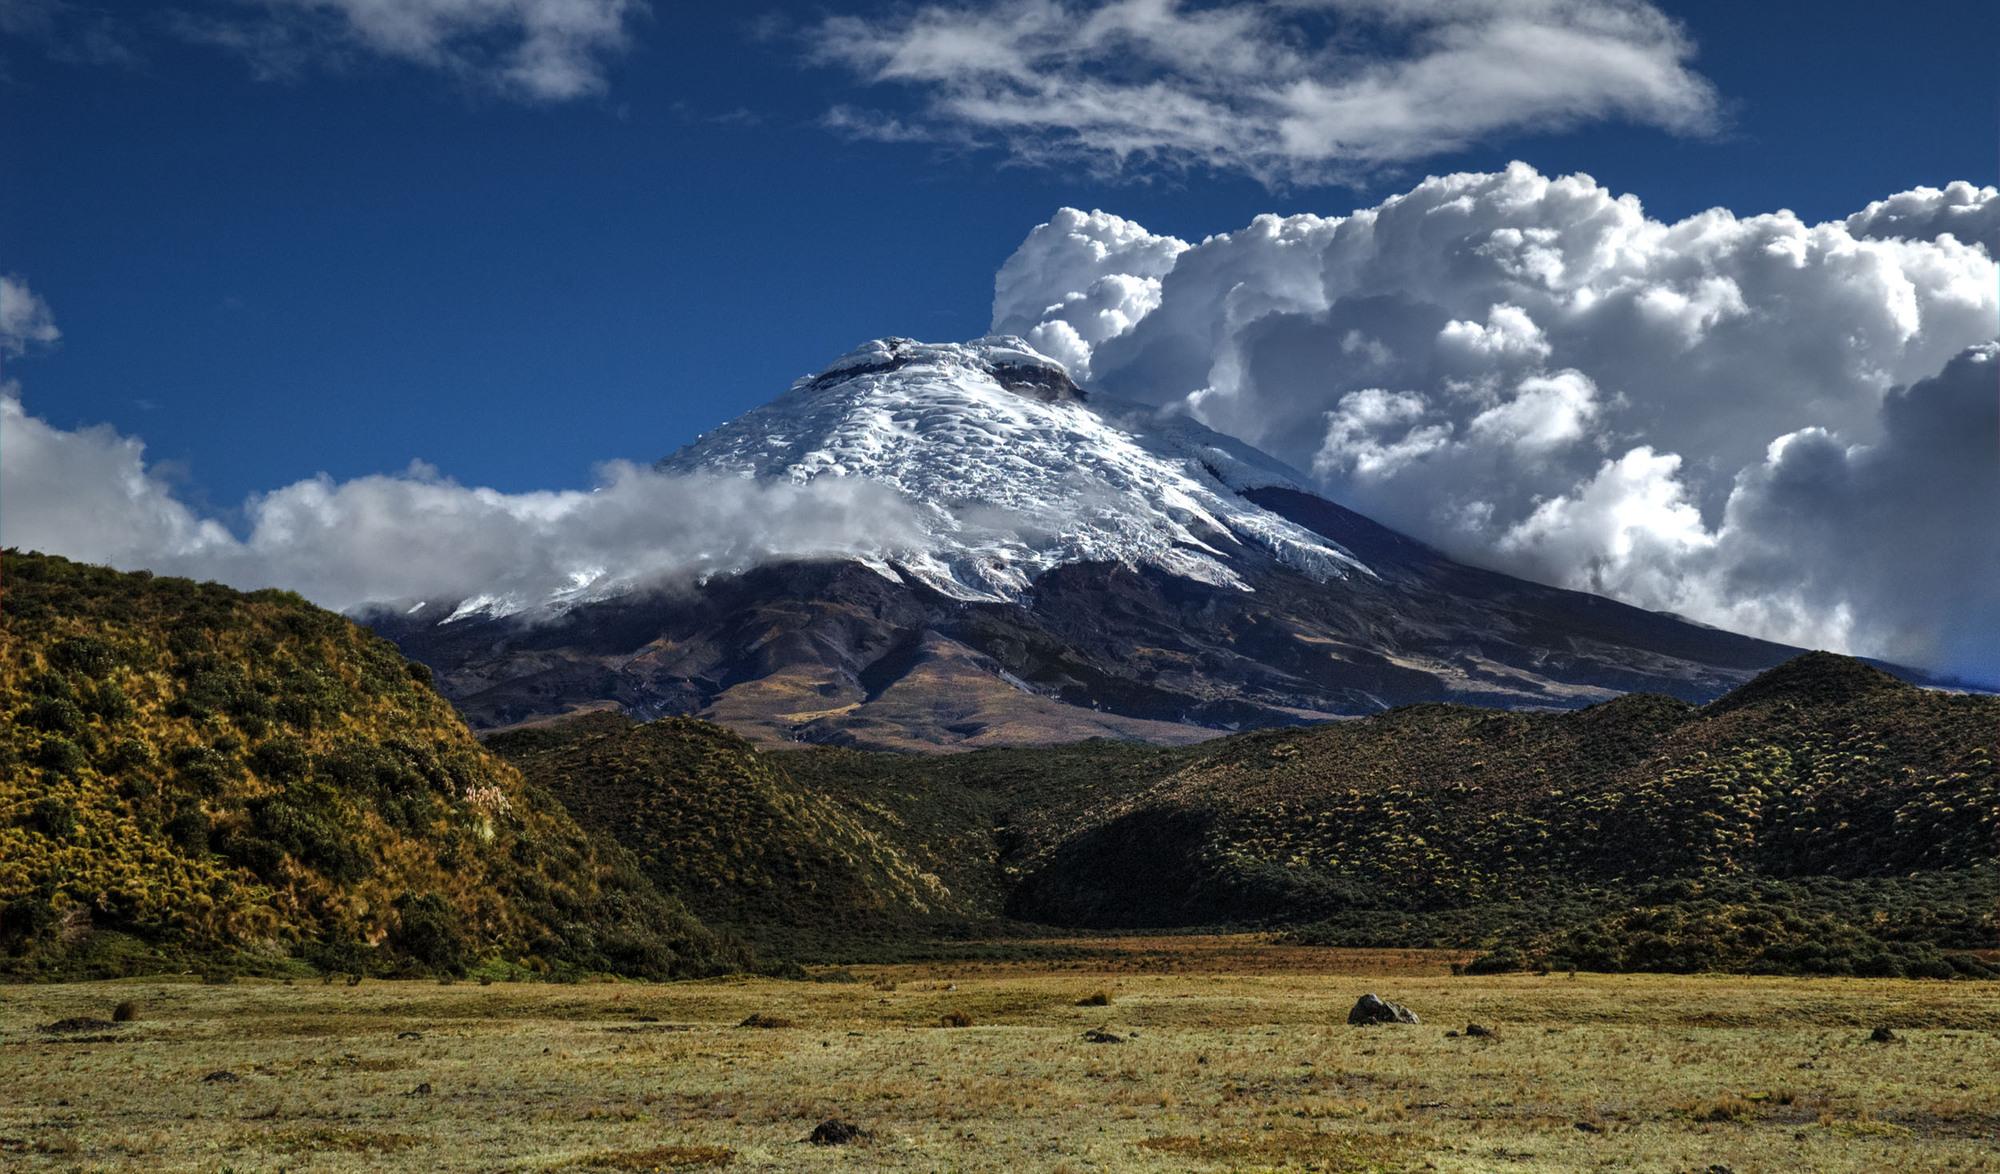 ¿Es Latinoamérica víctima de una amnesia colectiva? El caso del volcán Cotopaxi en Ecuador